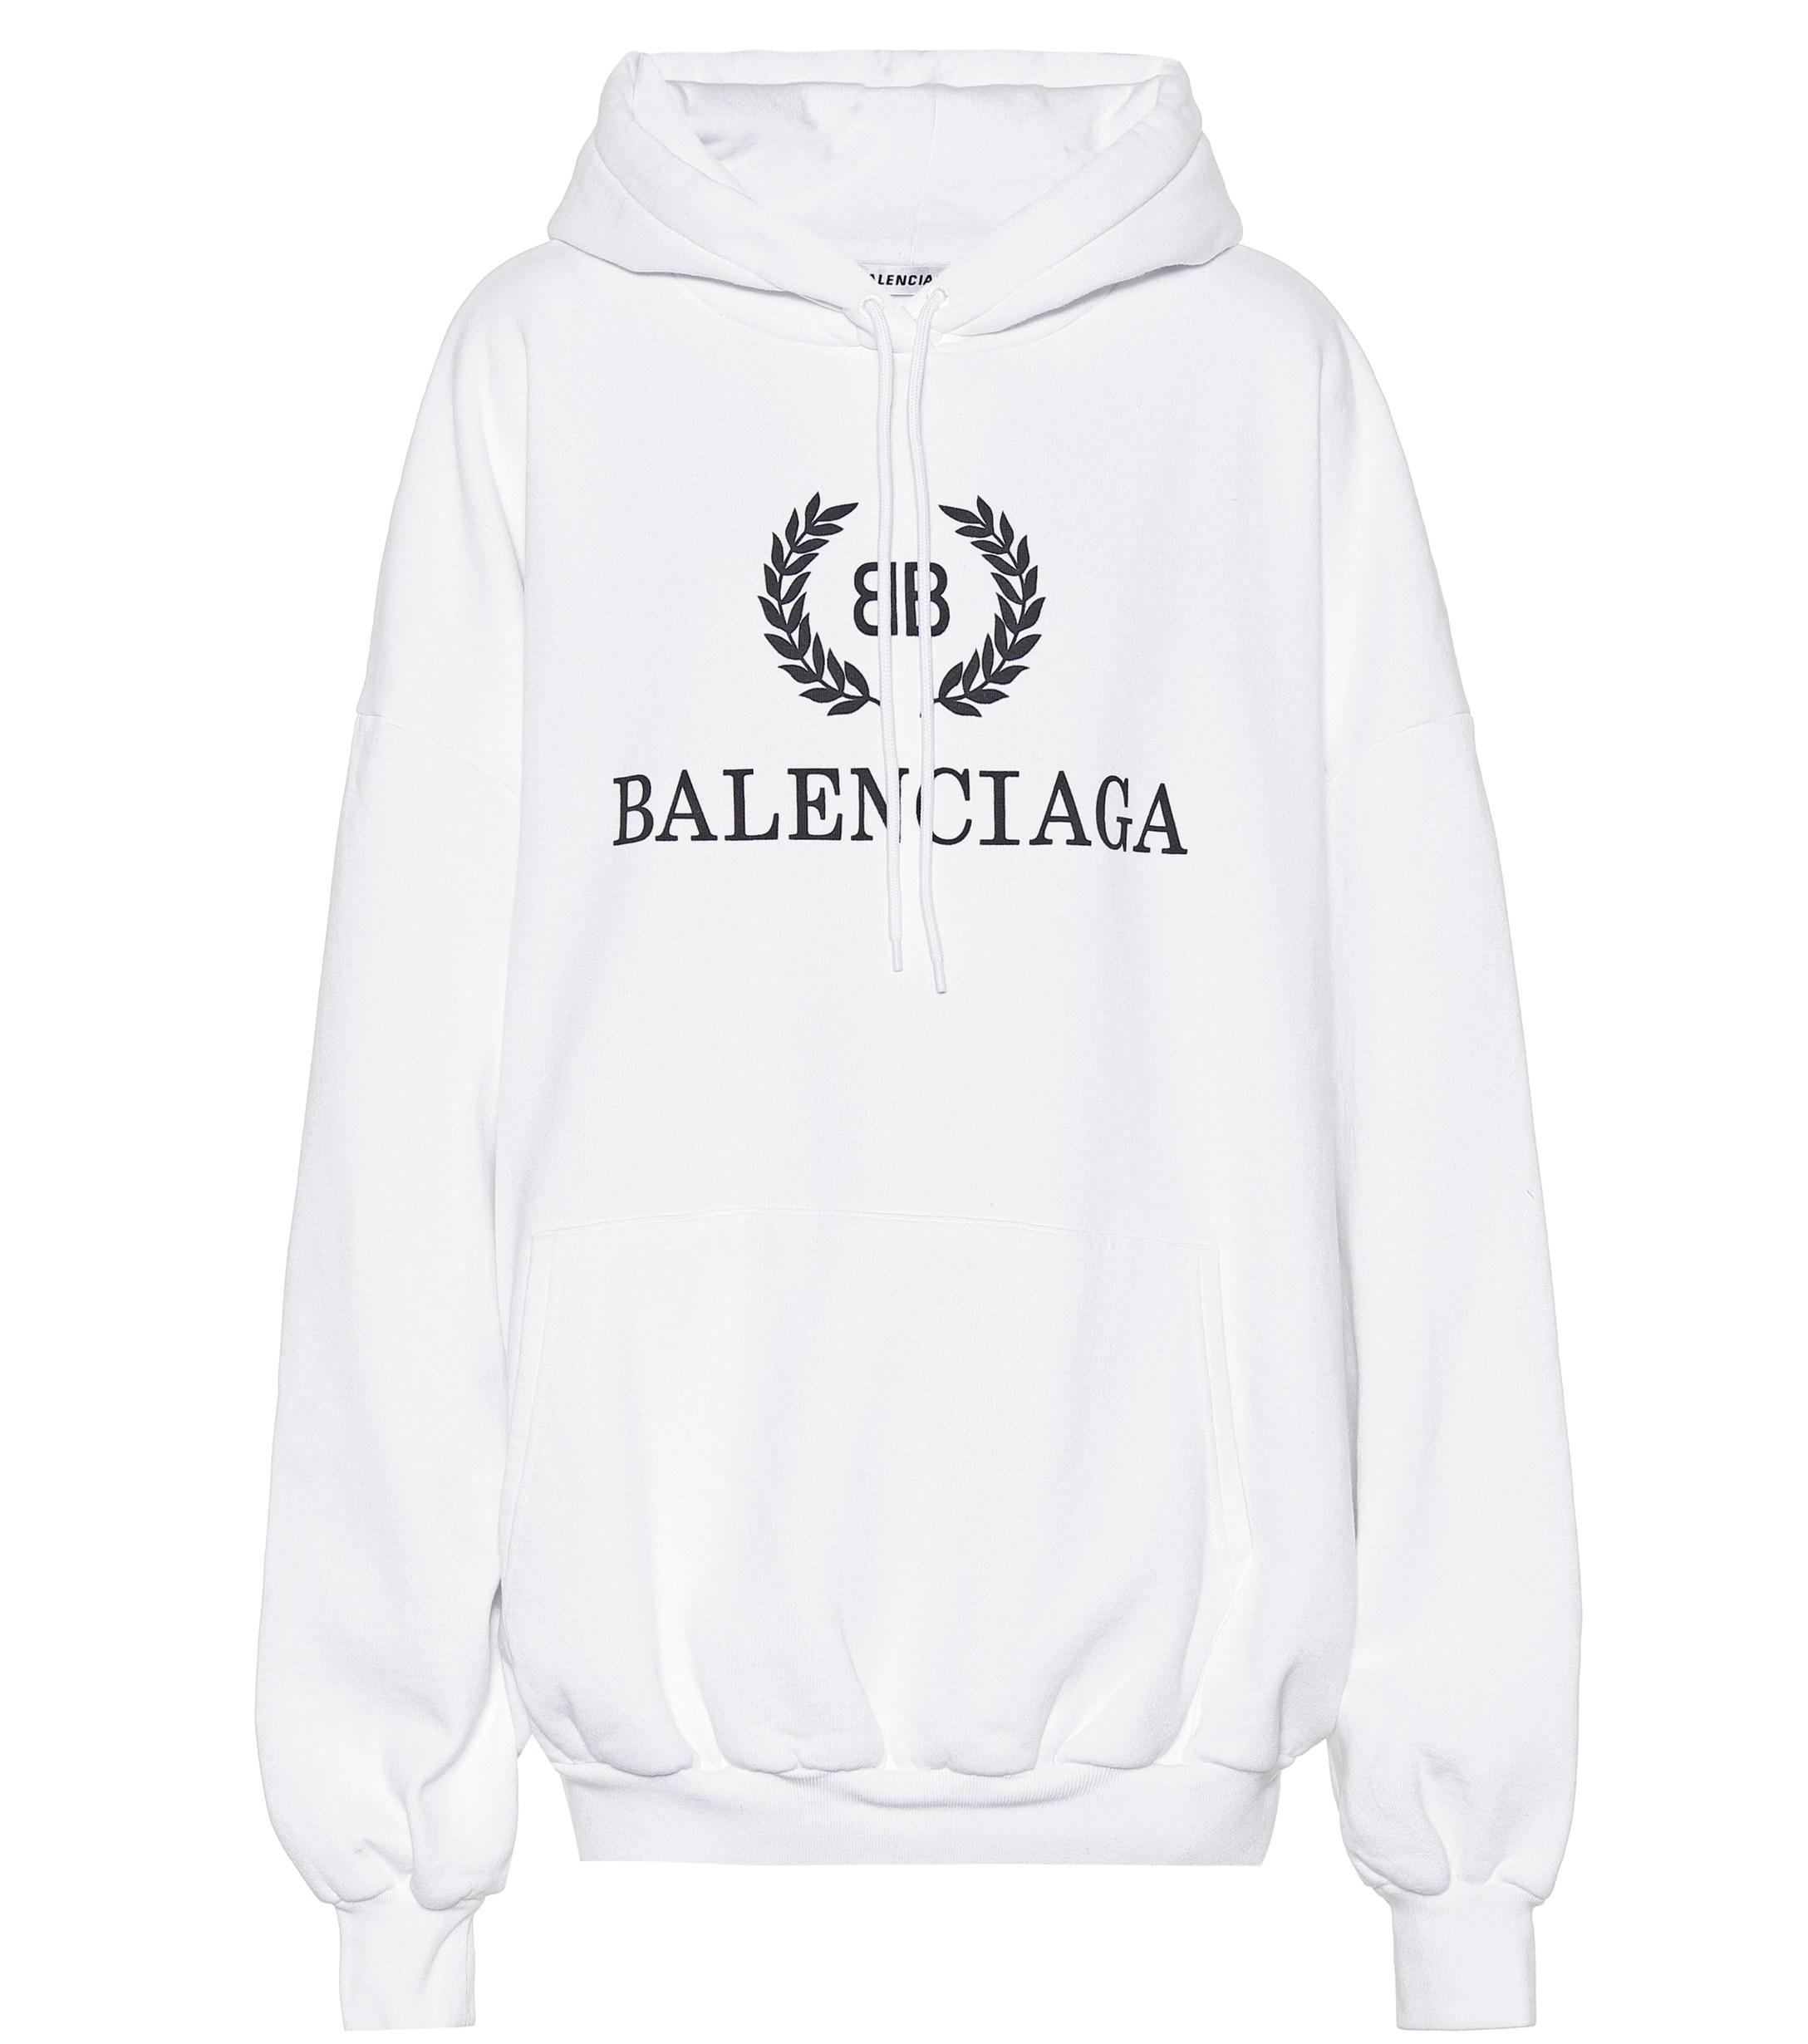 letzte auswahl von 2019 weich und leicht doppelter gutschein Balenciaga Baumwolle Bedruckter Hoodie aus Jersey in Weiß - Lyst